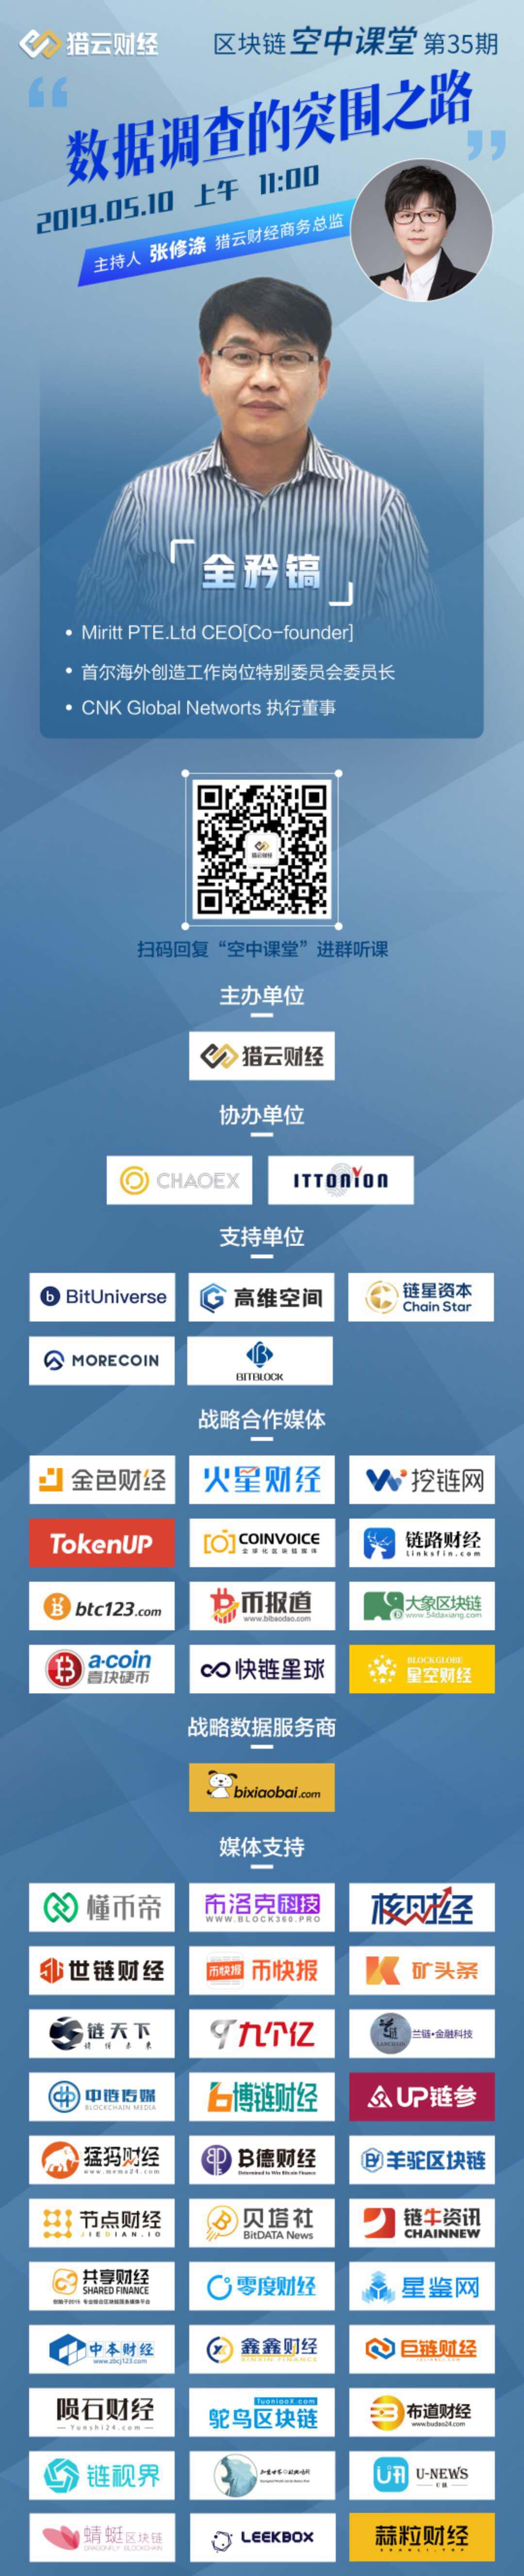 空中课堂 | Miritt PTE.Ltd CEO 全矜镐:数据调查的突围之路